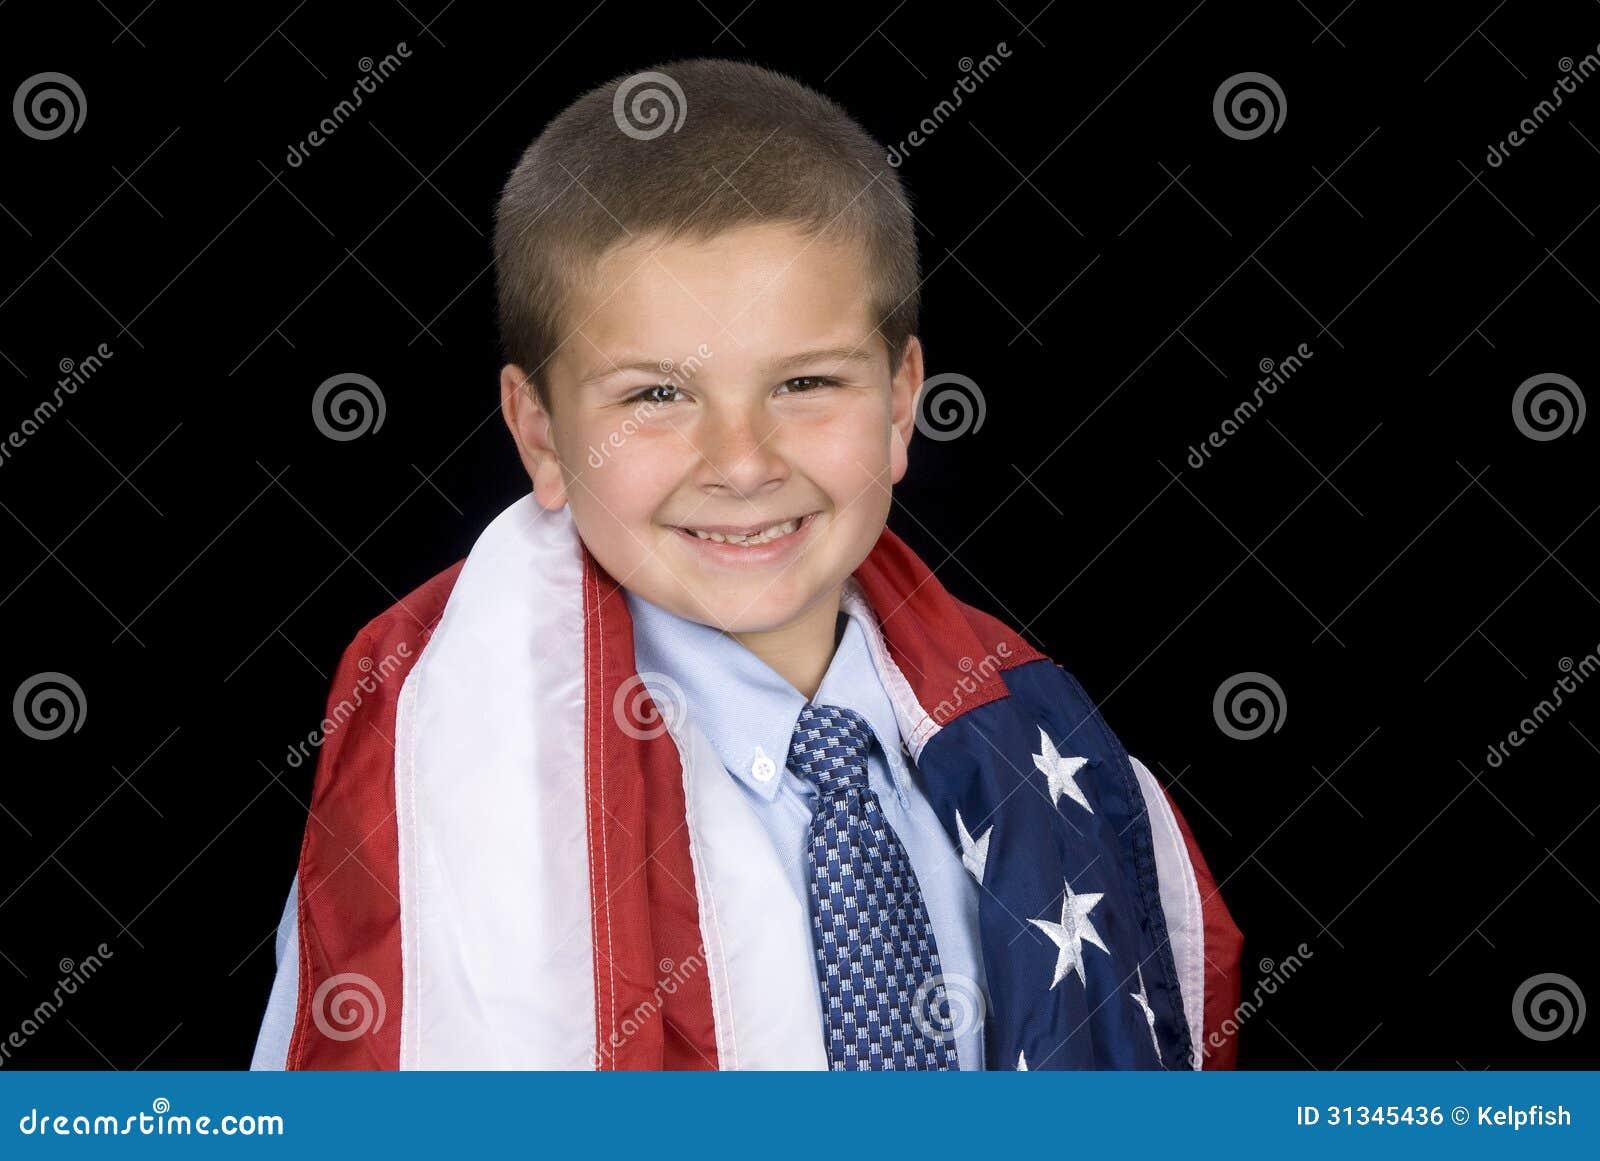 Αγόρι με τη αμερικανική σημαία γύρω από τους ώμους